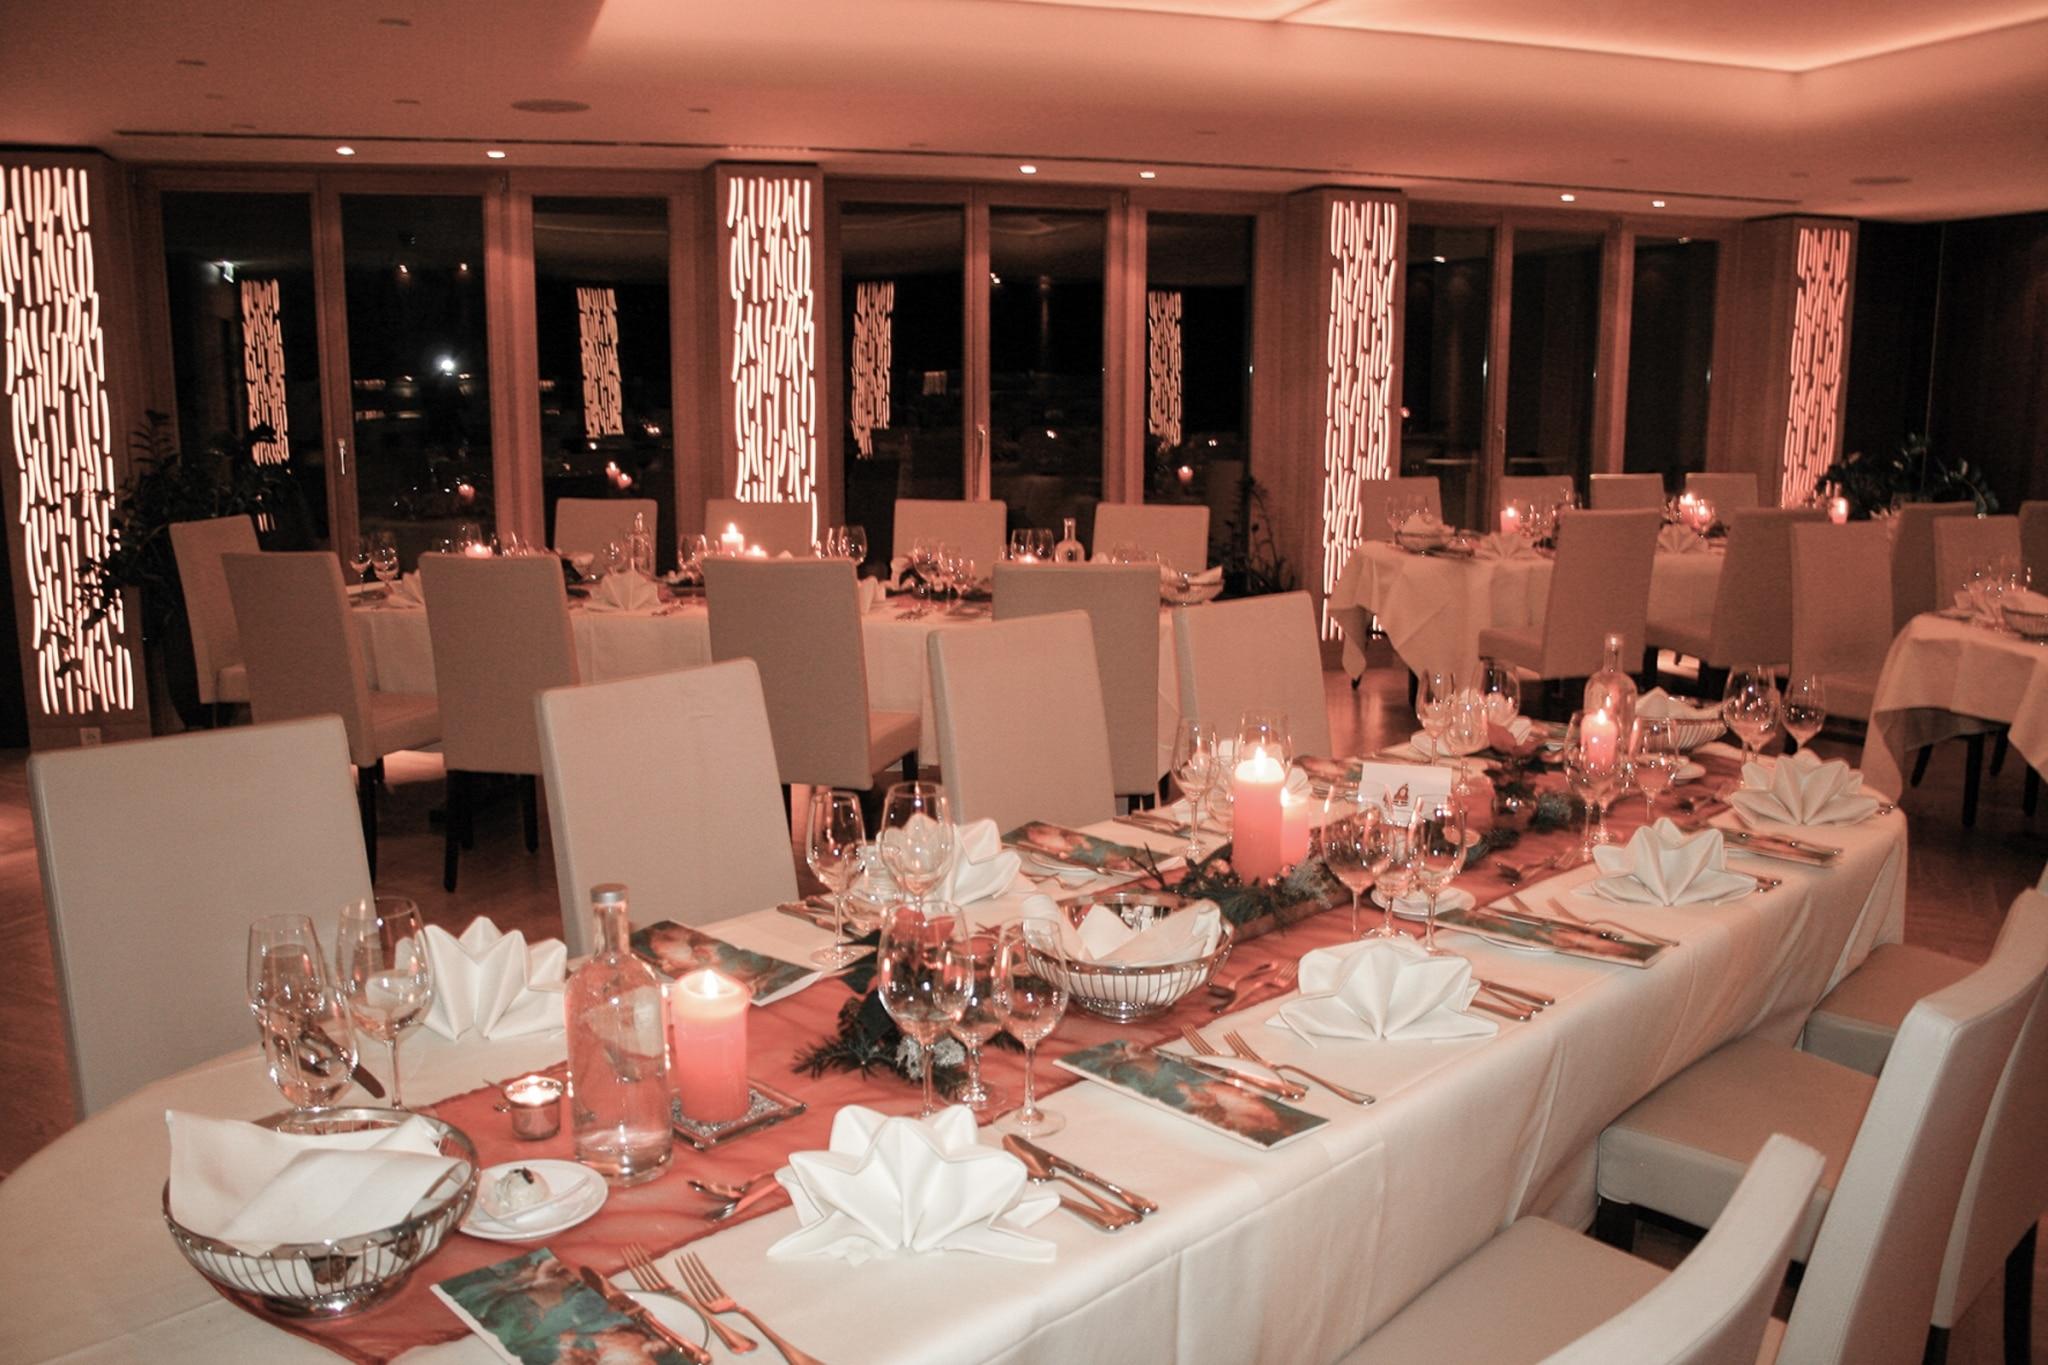 Saal mit gedeckten Tischen für Weihnachtsfeier im Biorestaurant Retter